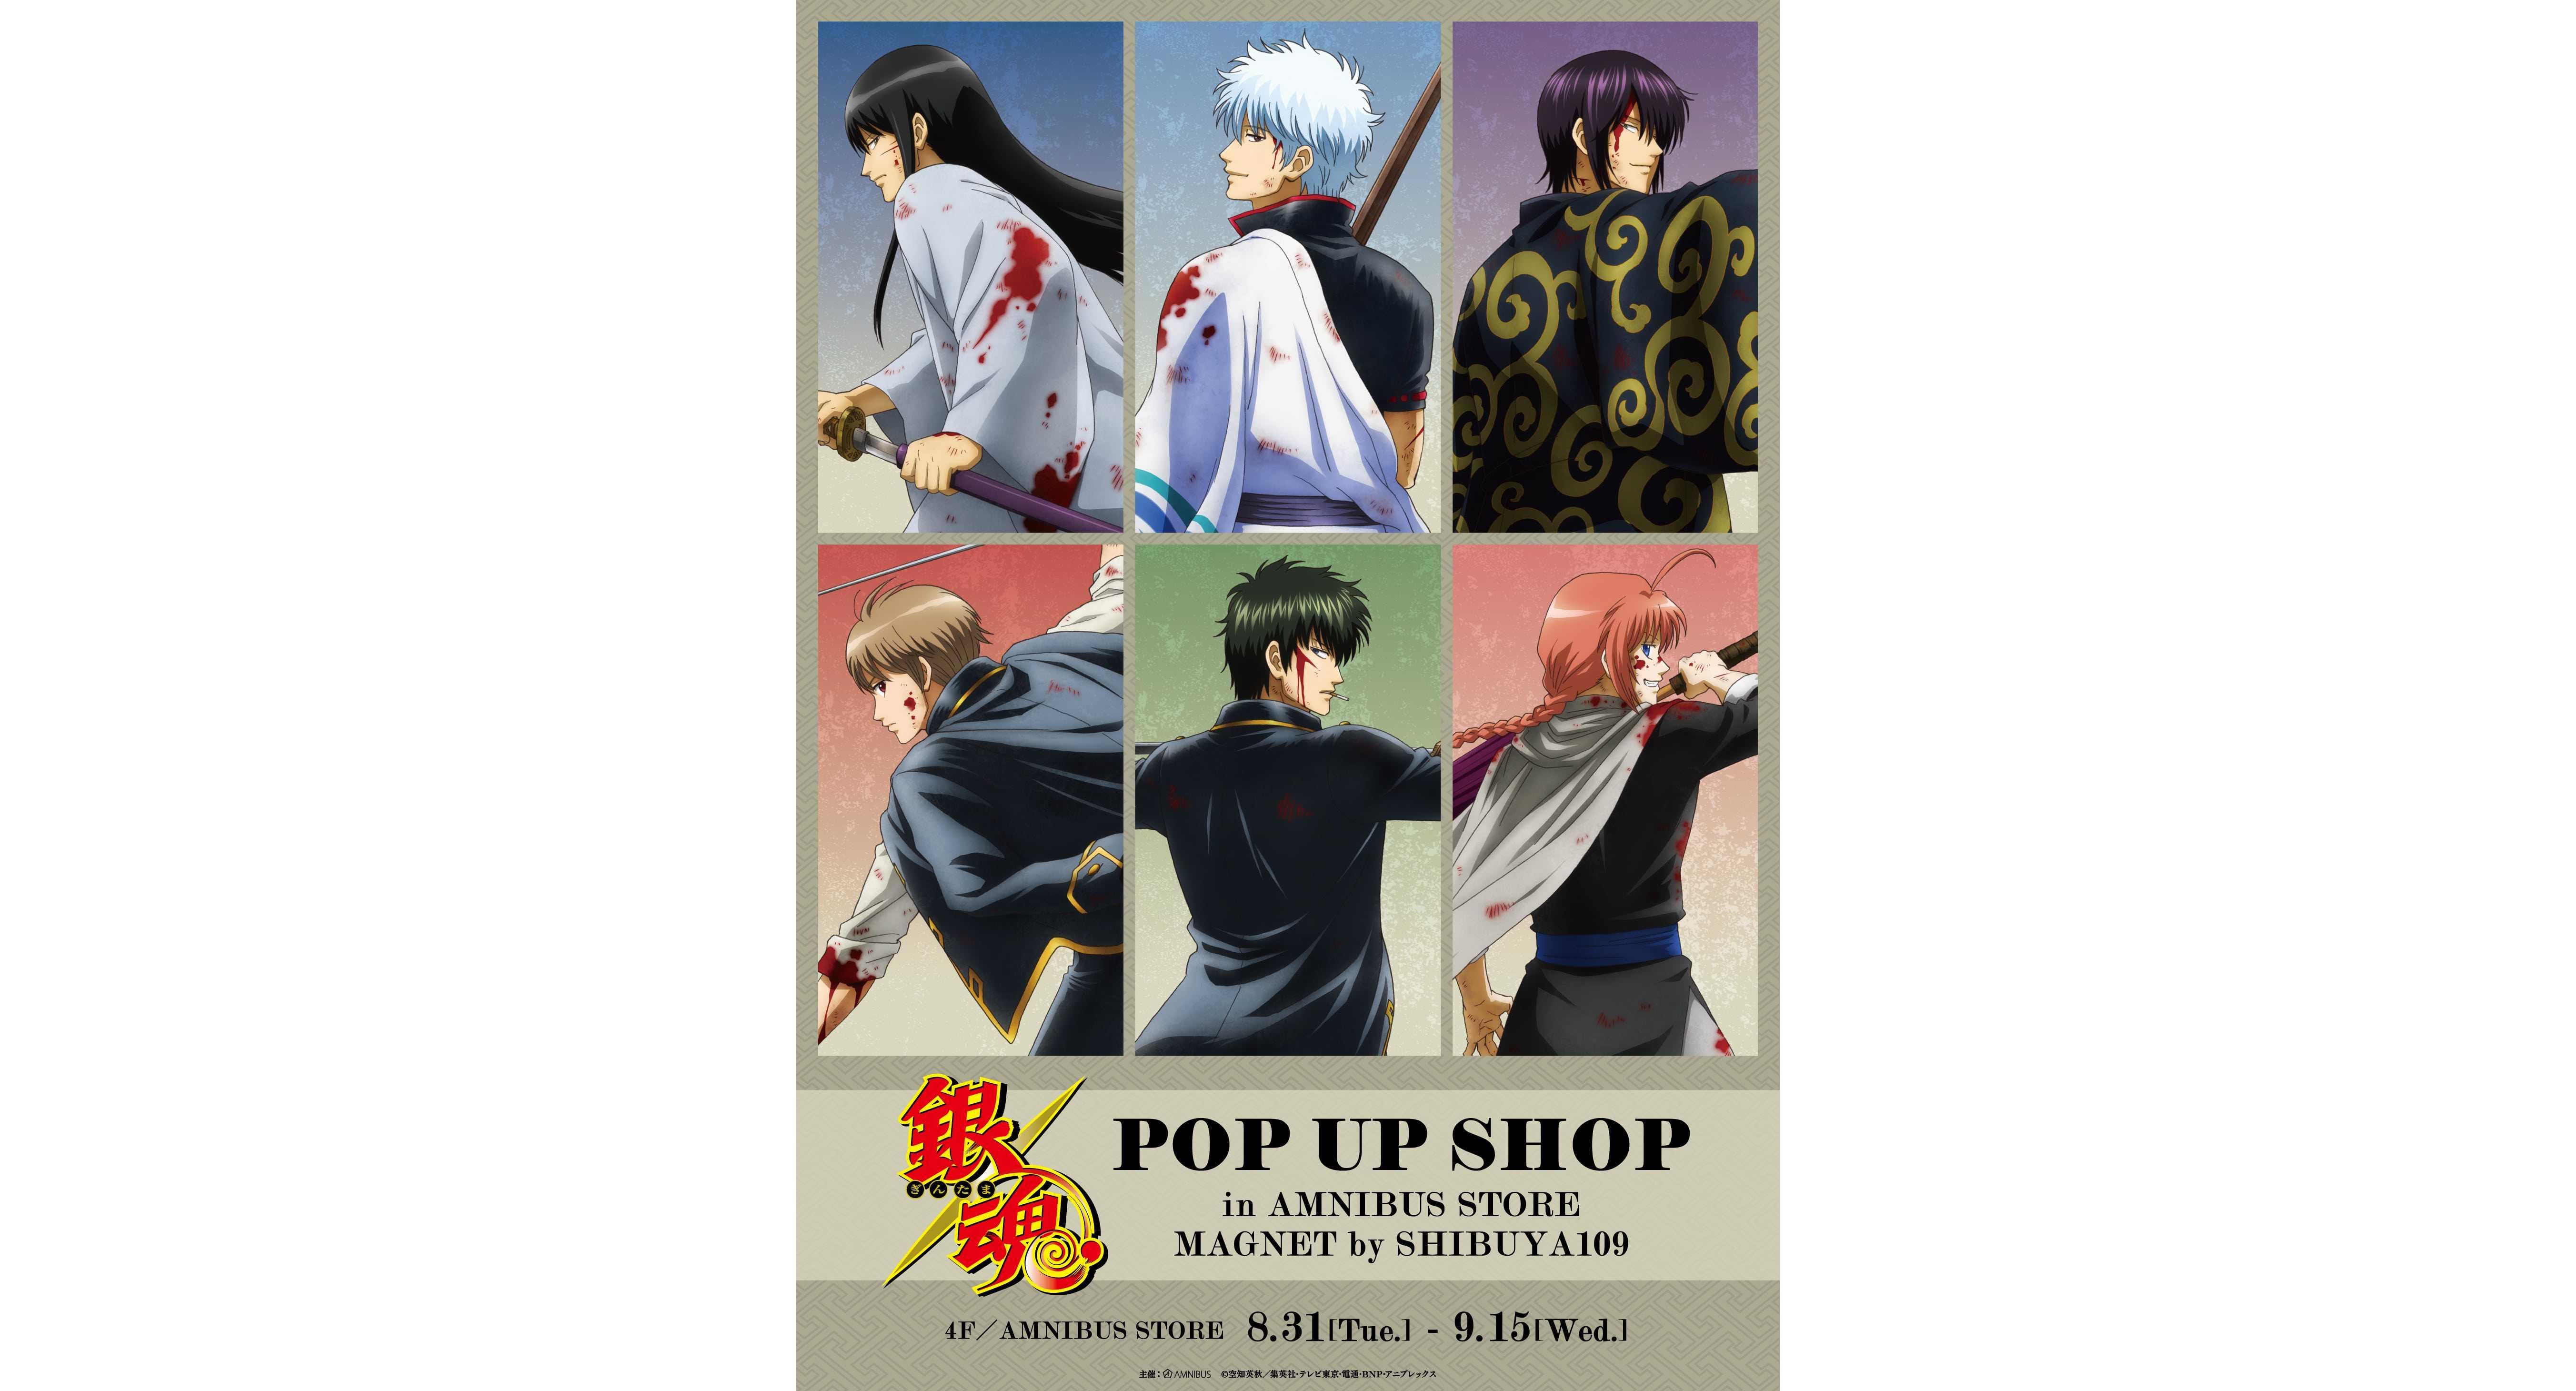 「銀魂」POP UP SHOP in AMNIBUS STORE/MAGNET by SHIBUYA1091